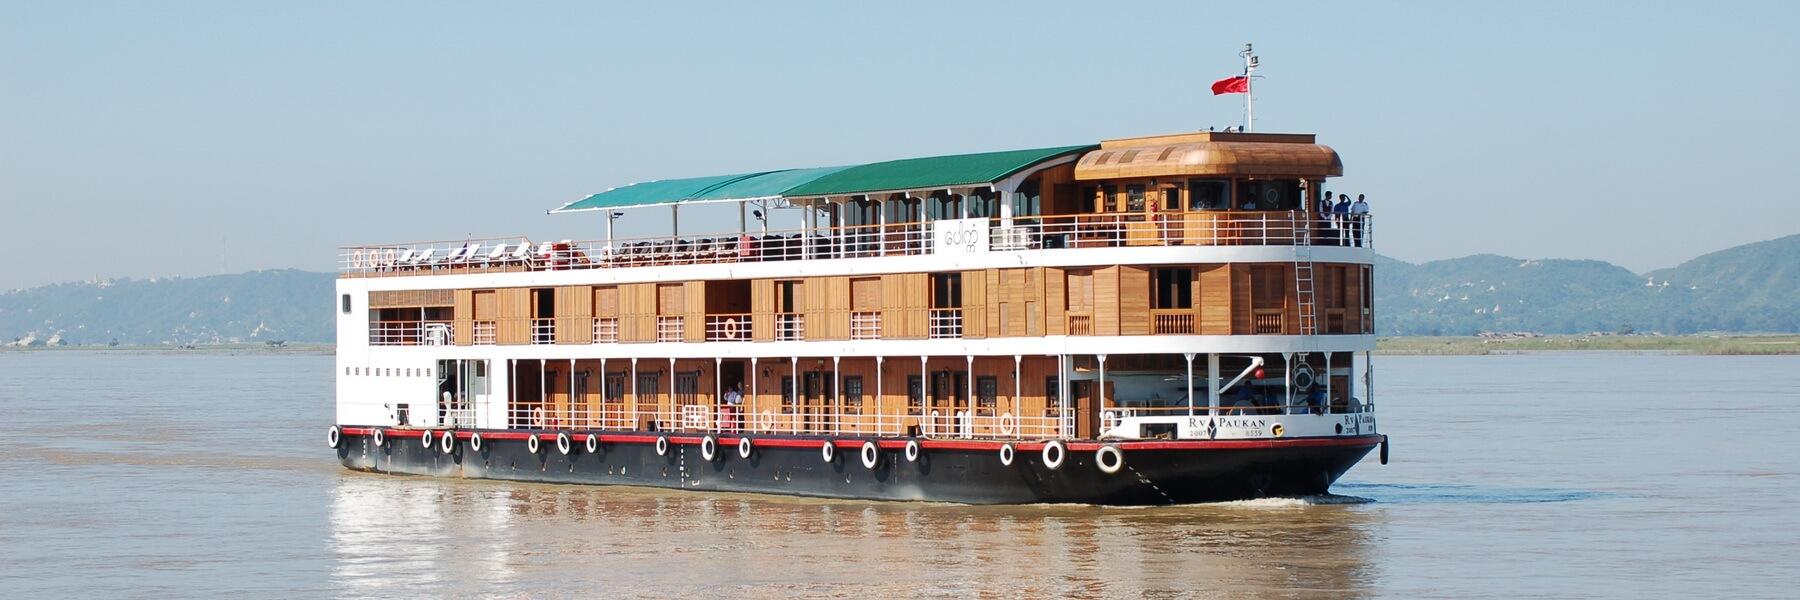 Die RV Paukan auf einer Kreuzfahrt in Myanmar